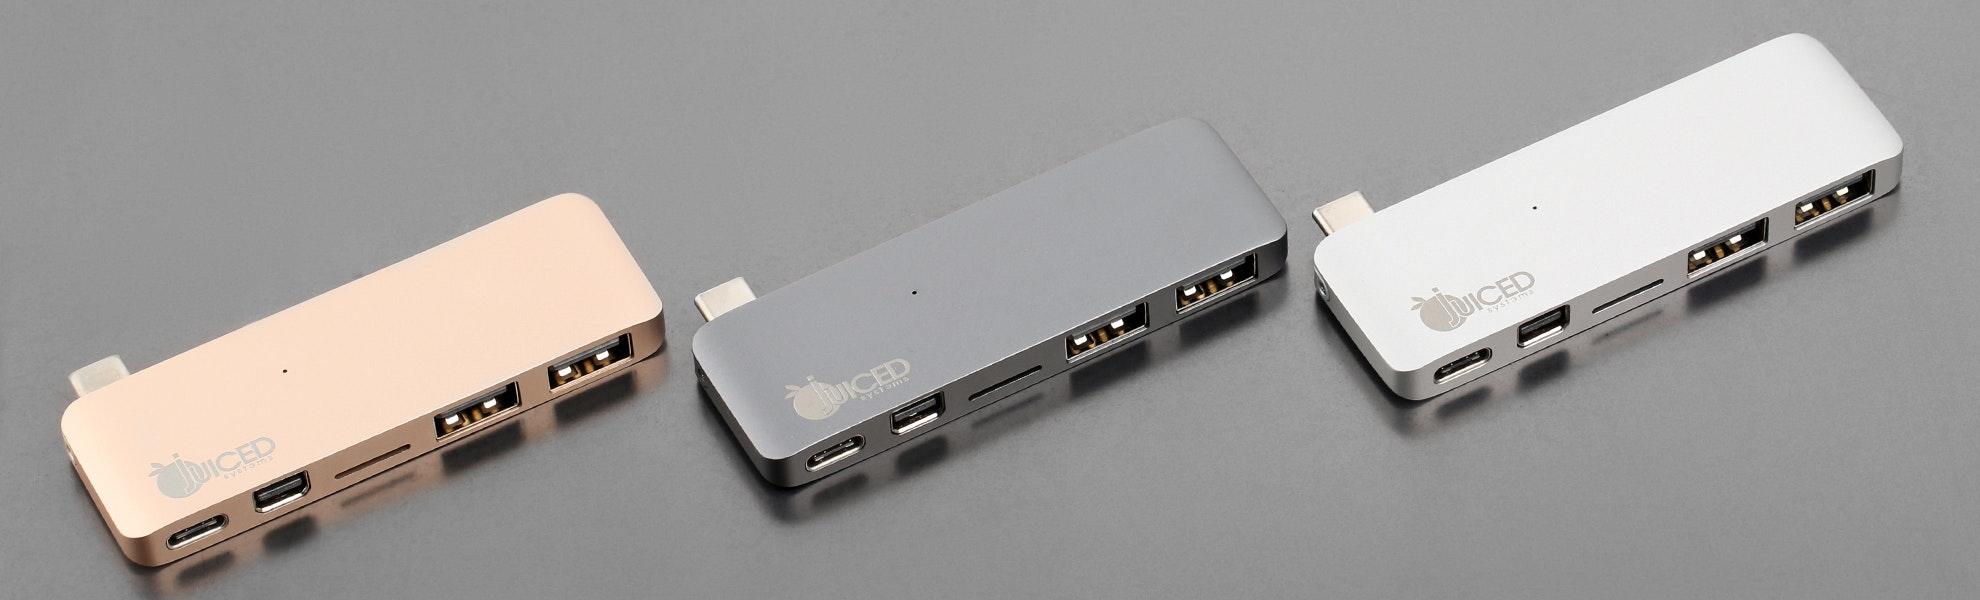 """Juiced USB-C 12"""" Macbook 5-in-1 Display Adapter"""